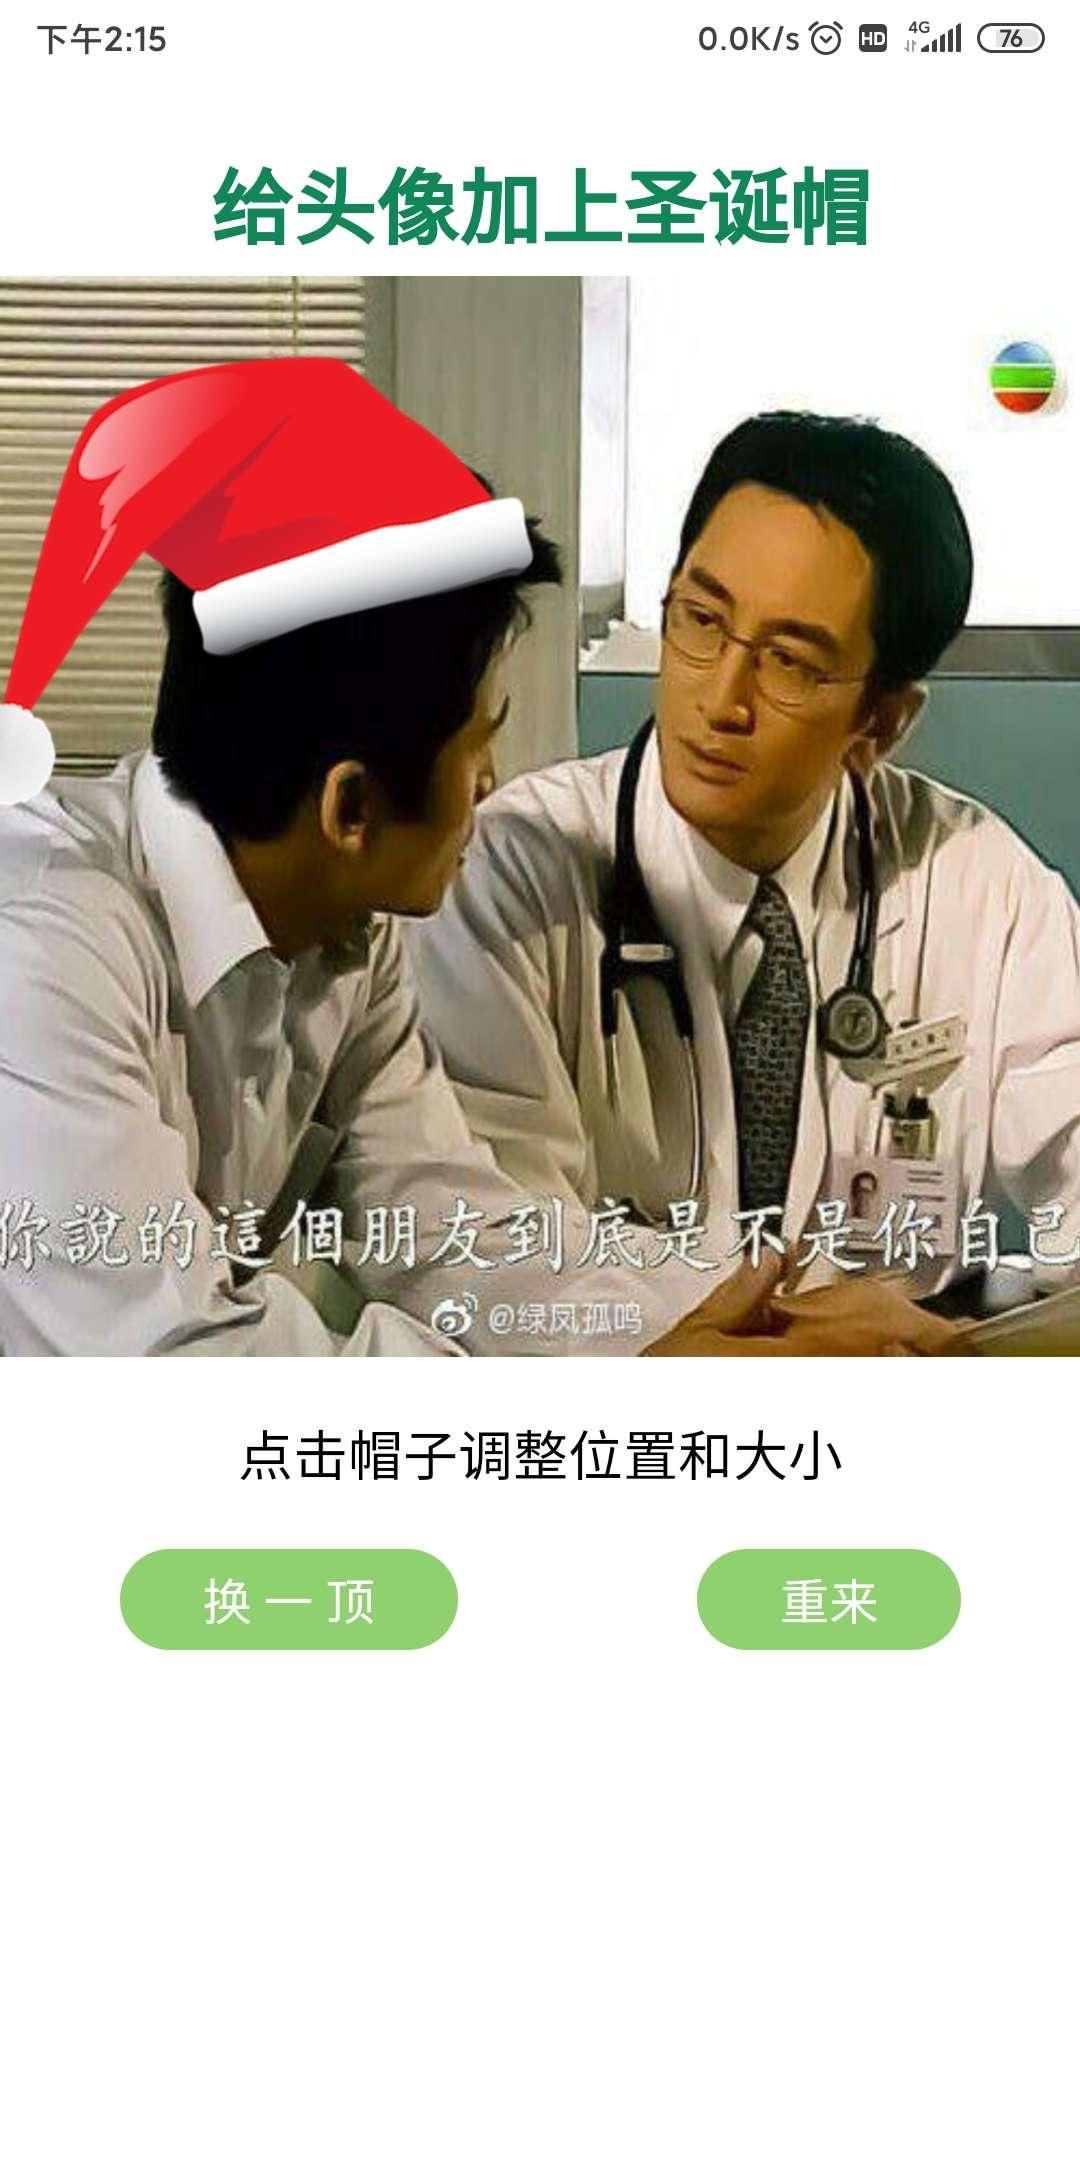 【资源分享】圣诞帽APP- 给你的头像戴一个圣诞帽-爱小助